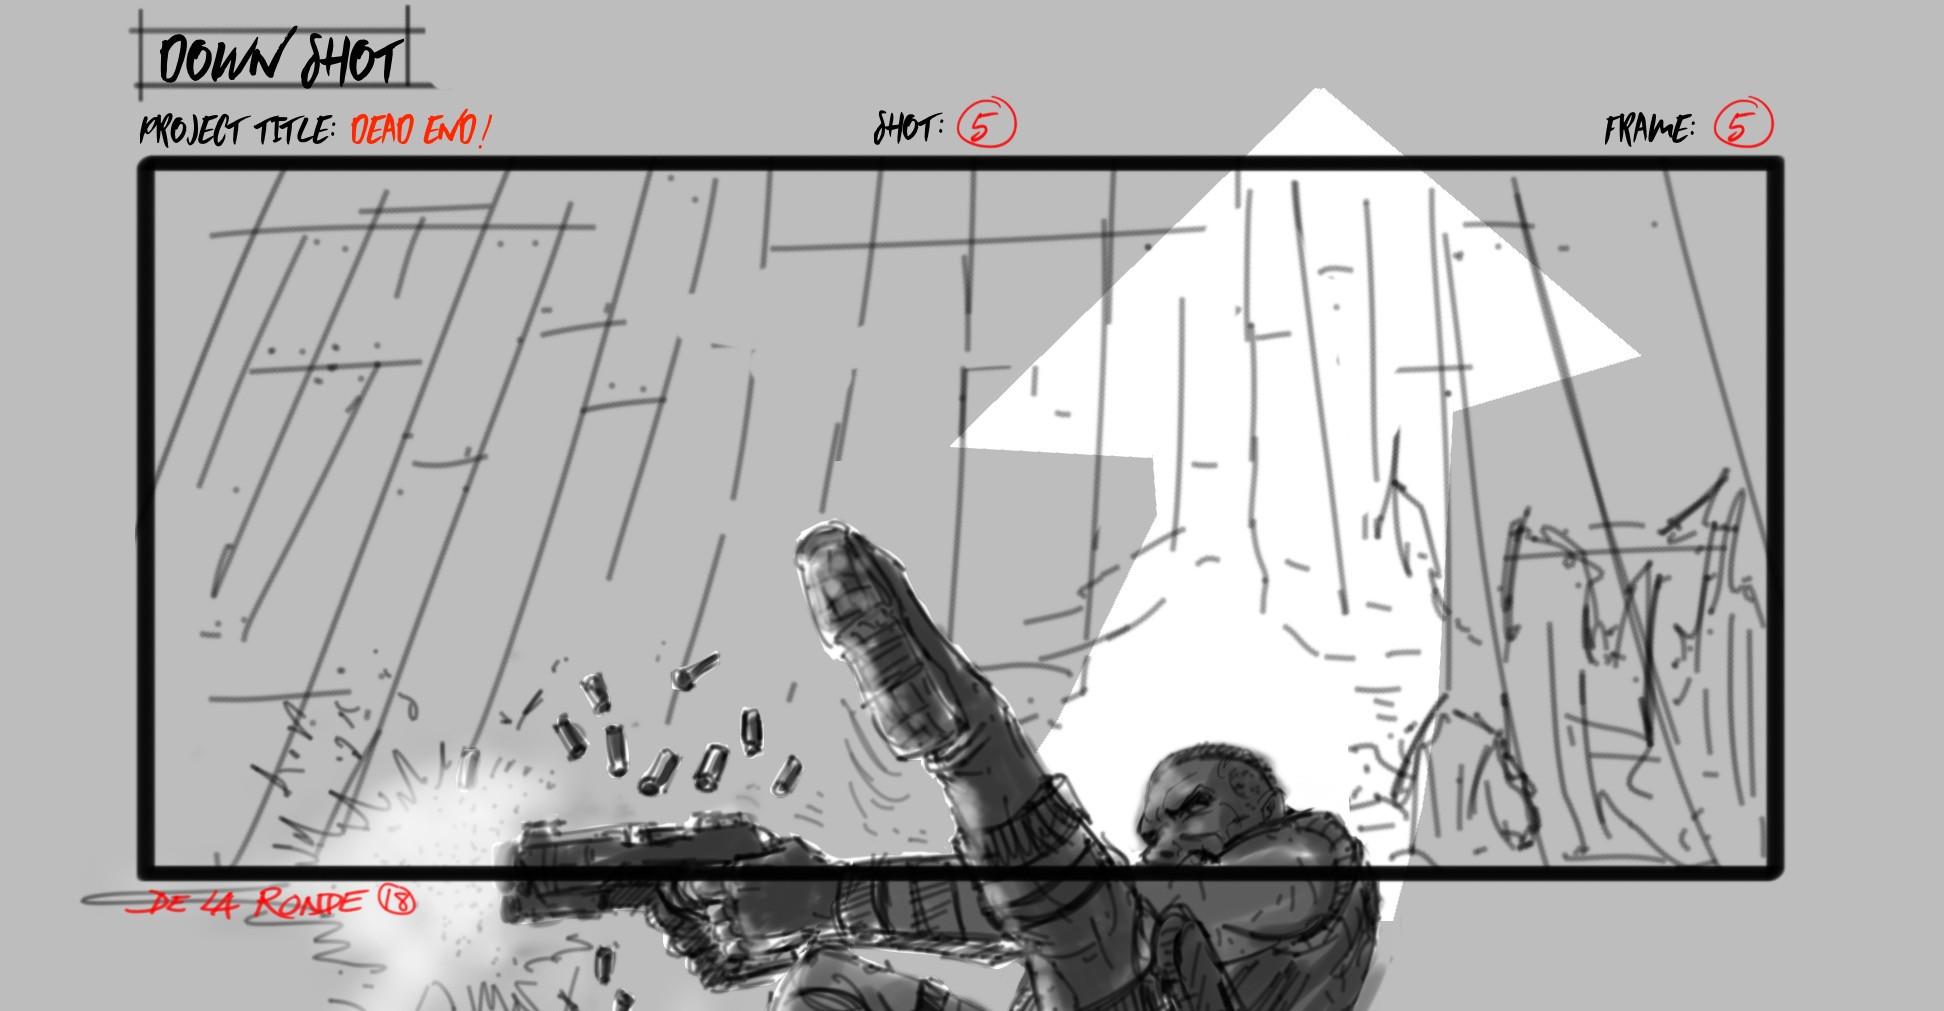 Board Sample Shot Type: Down Shot